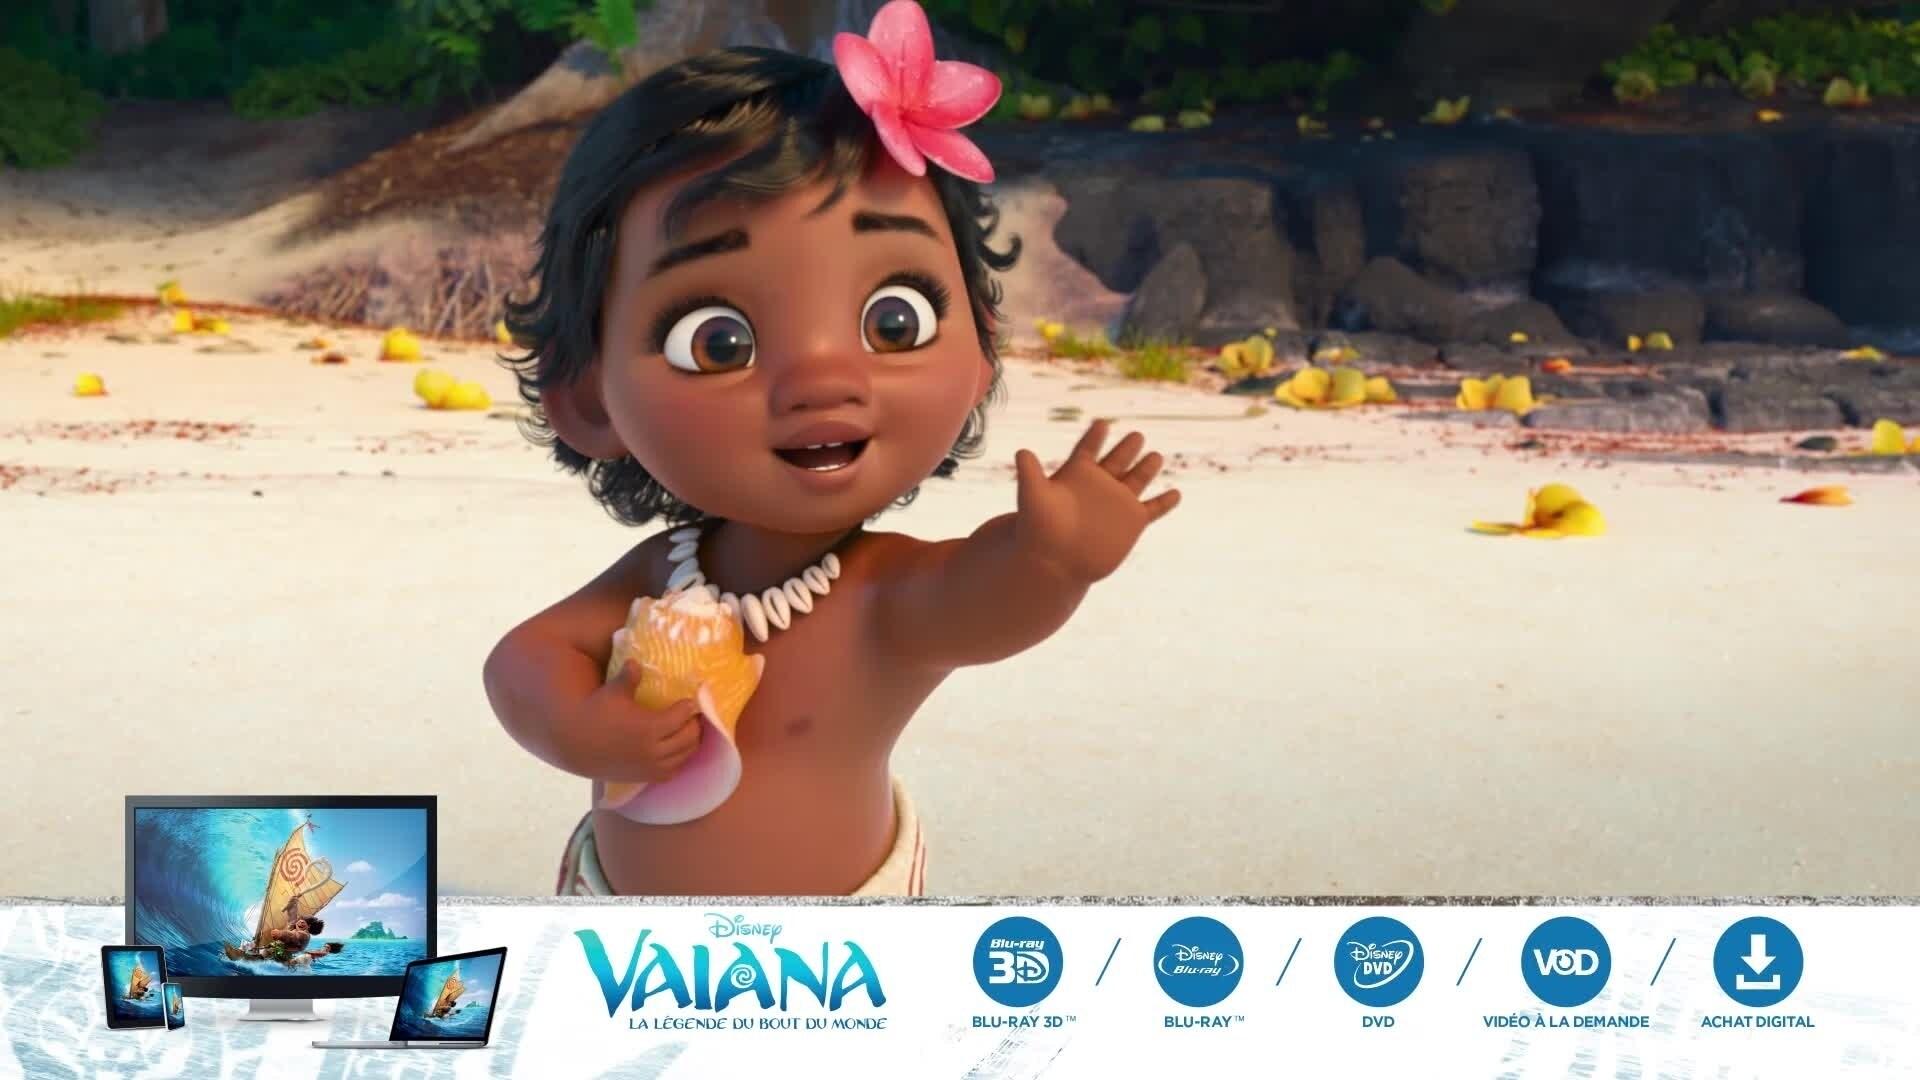 Vaiana, la légende du bout du monde - Avec vous partout